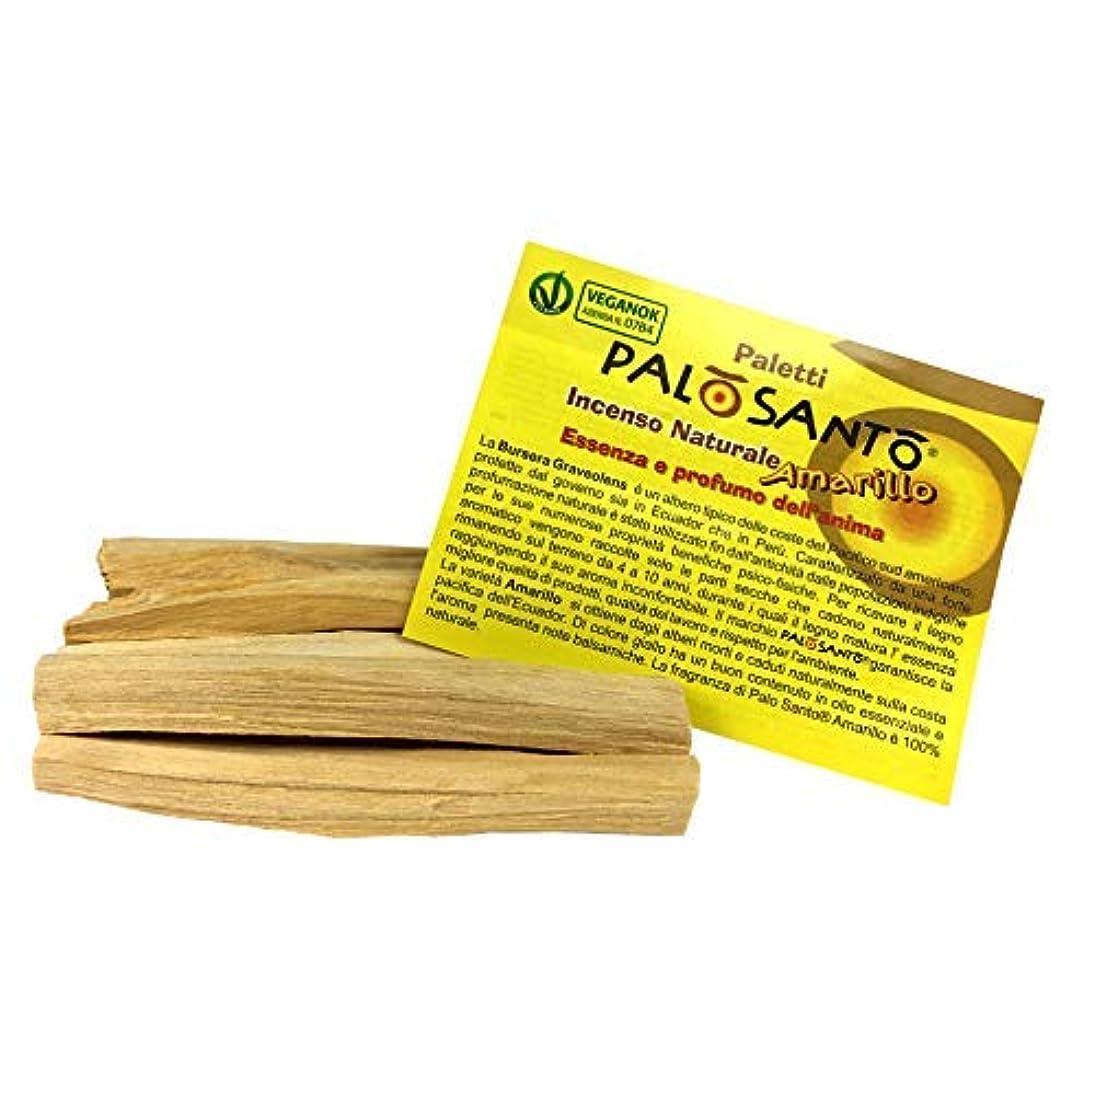 殺す可能第二にPalo Santo Sticks Amarillo - 天然香スティック - 瞑想、リラックス、不安、ヨガの香 - オリジナルBursera Graveolens聖ポールシャーマニック品質 - 12スティック